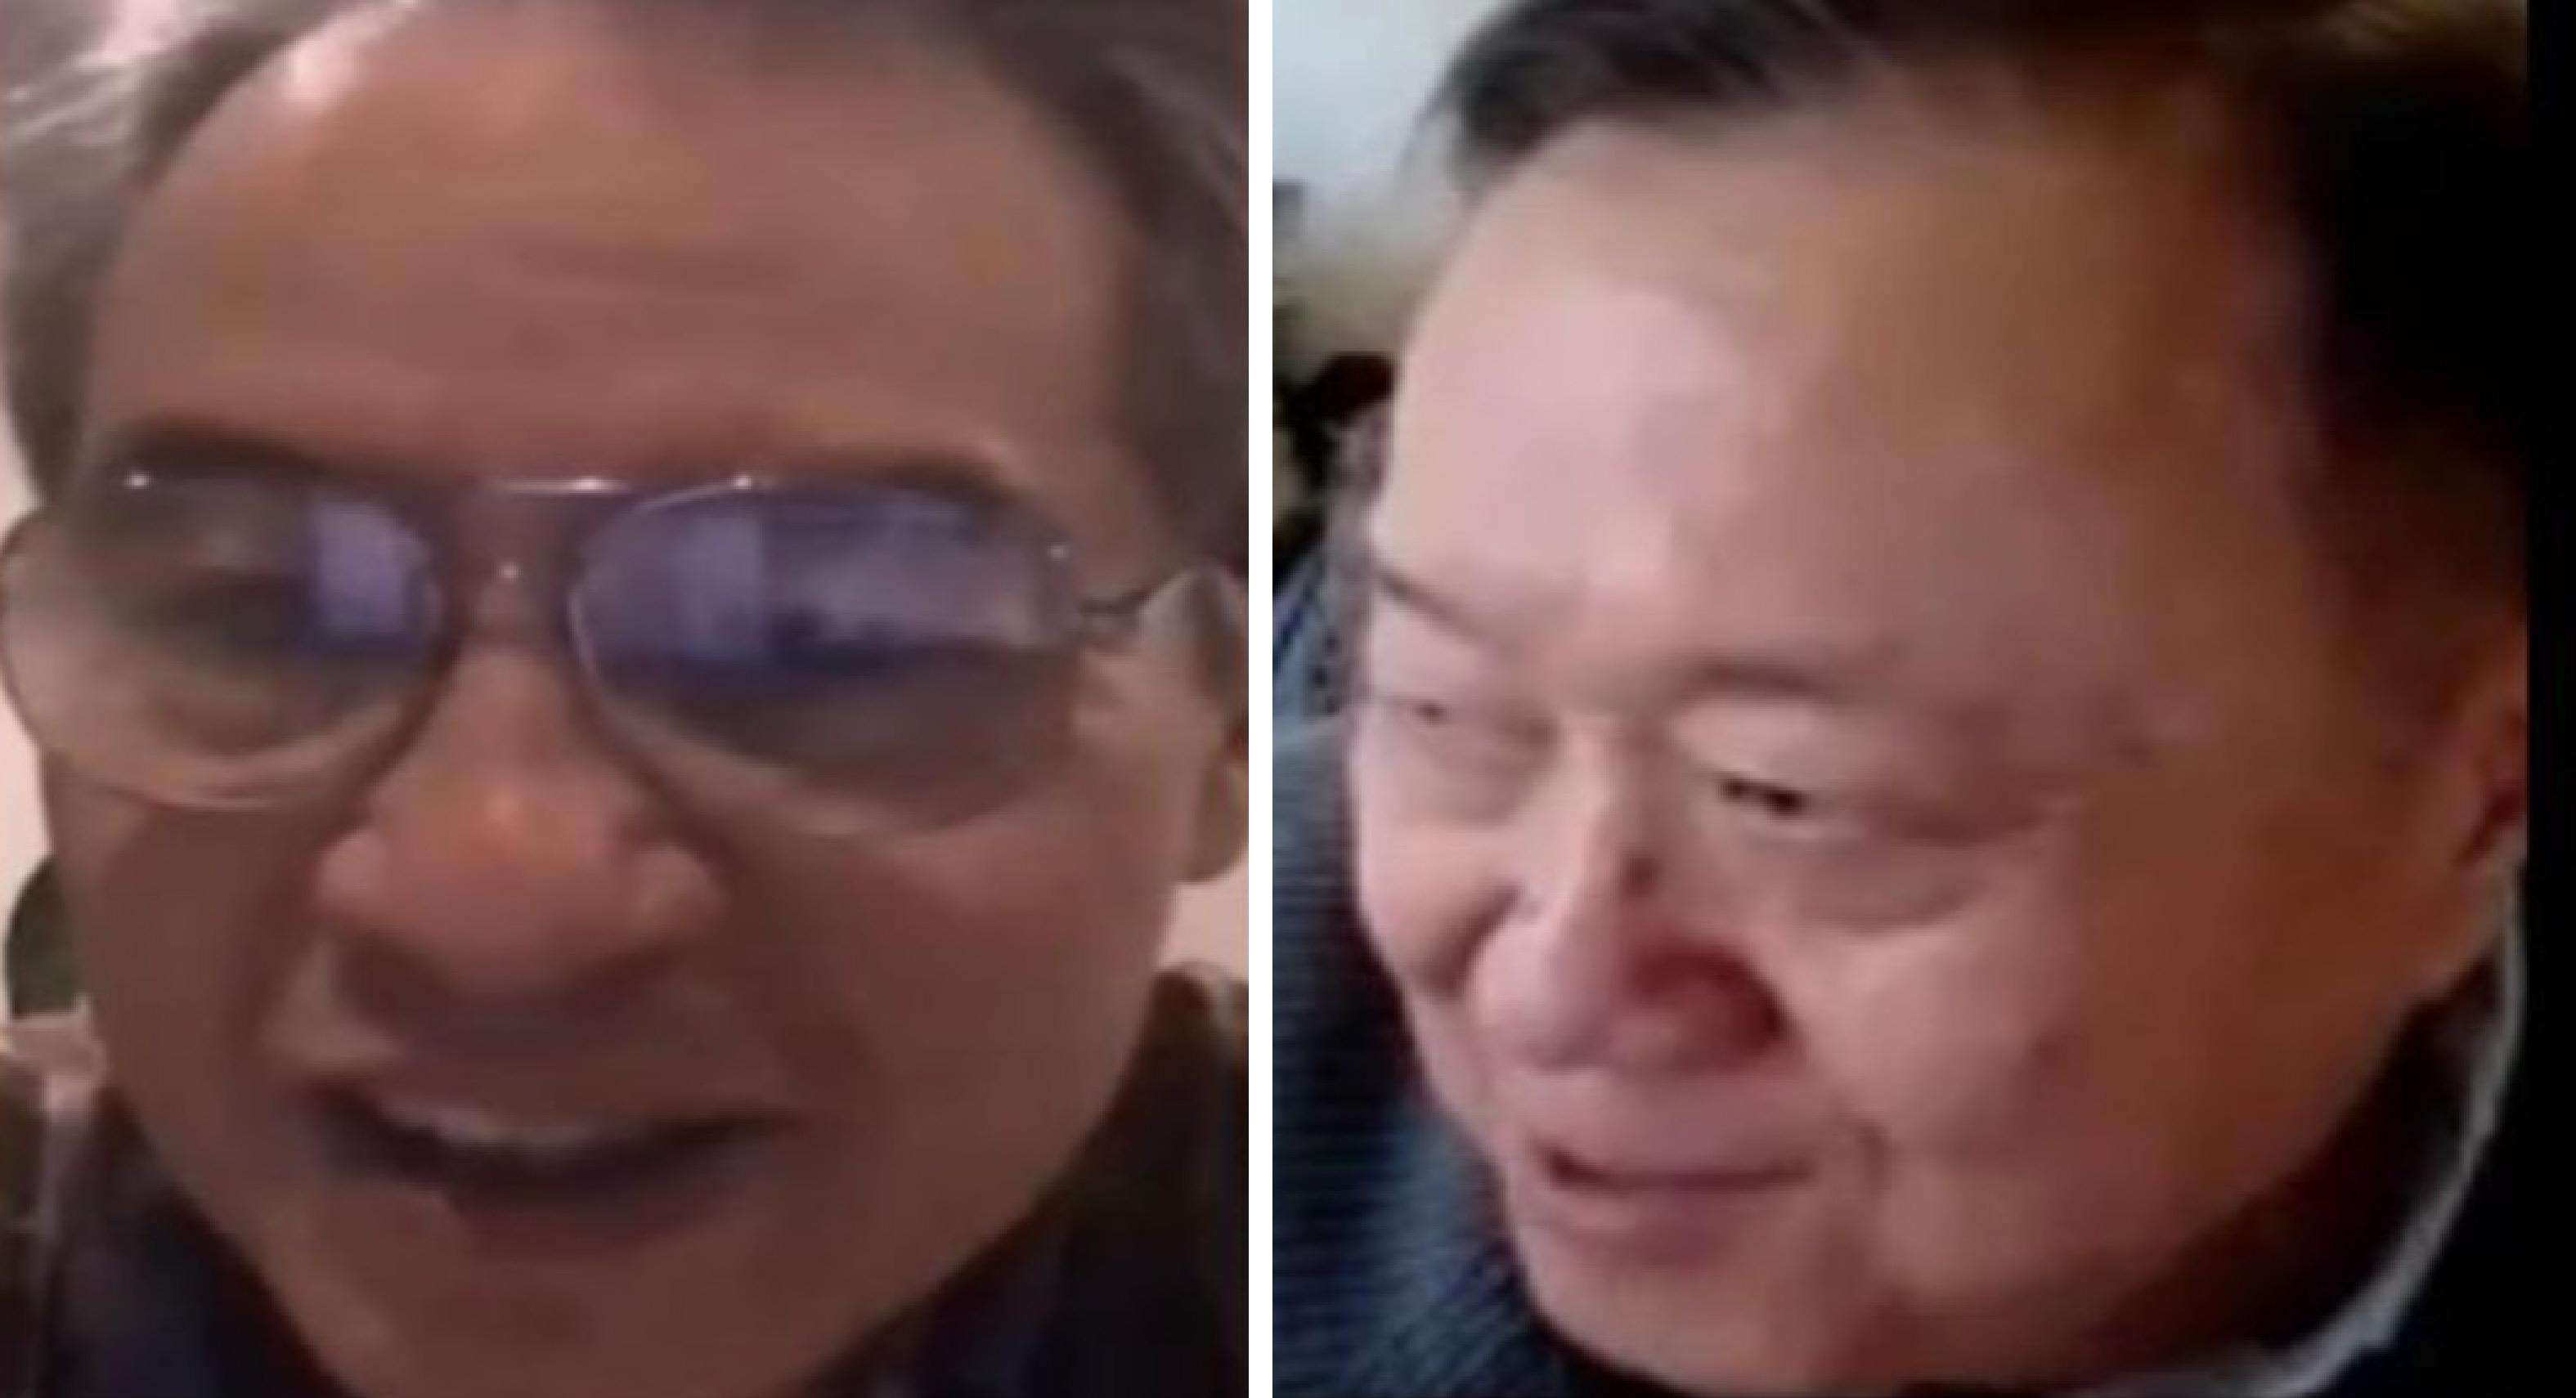 Profesores son separados de sus cargos tras comentarios misóginos || VIDEO